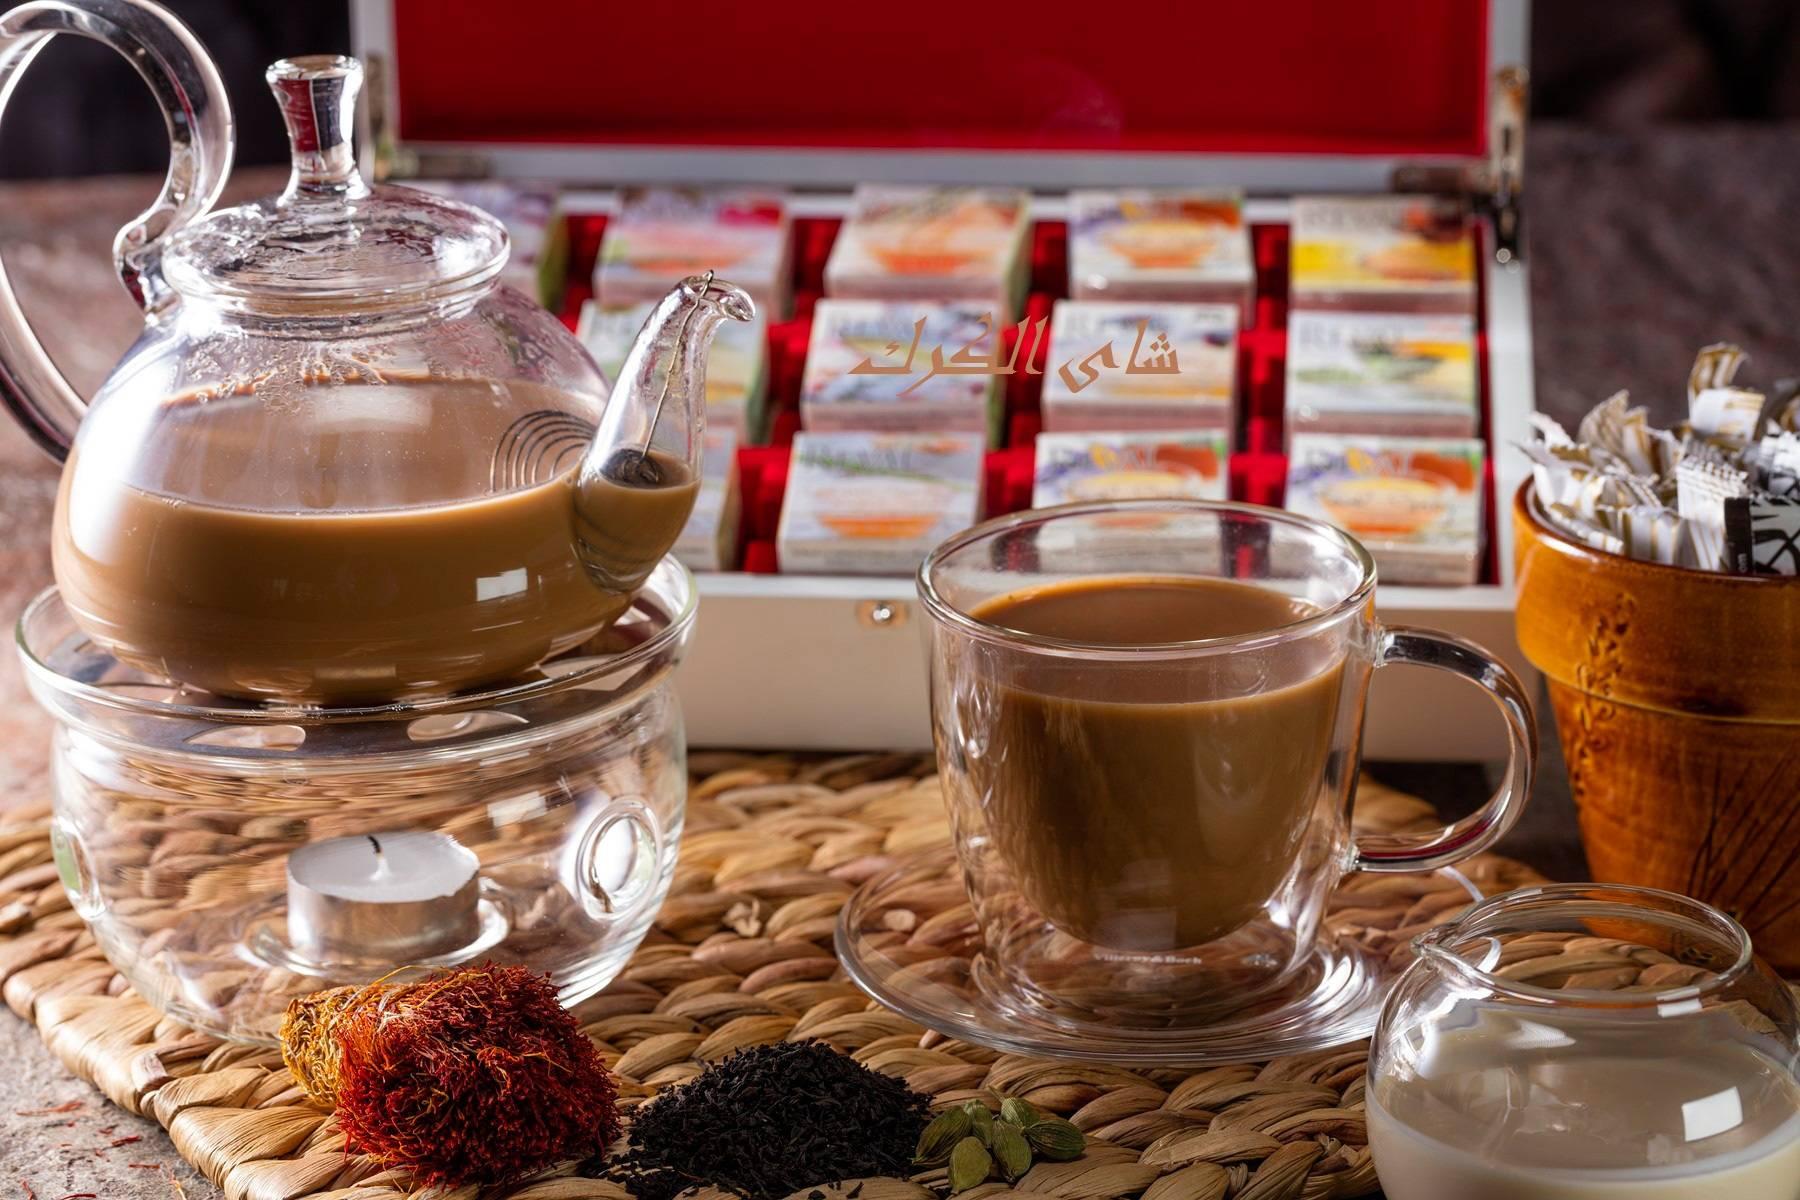 Кофе по-арабски: традиции и способы приготовления